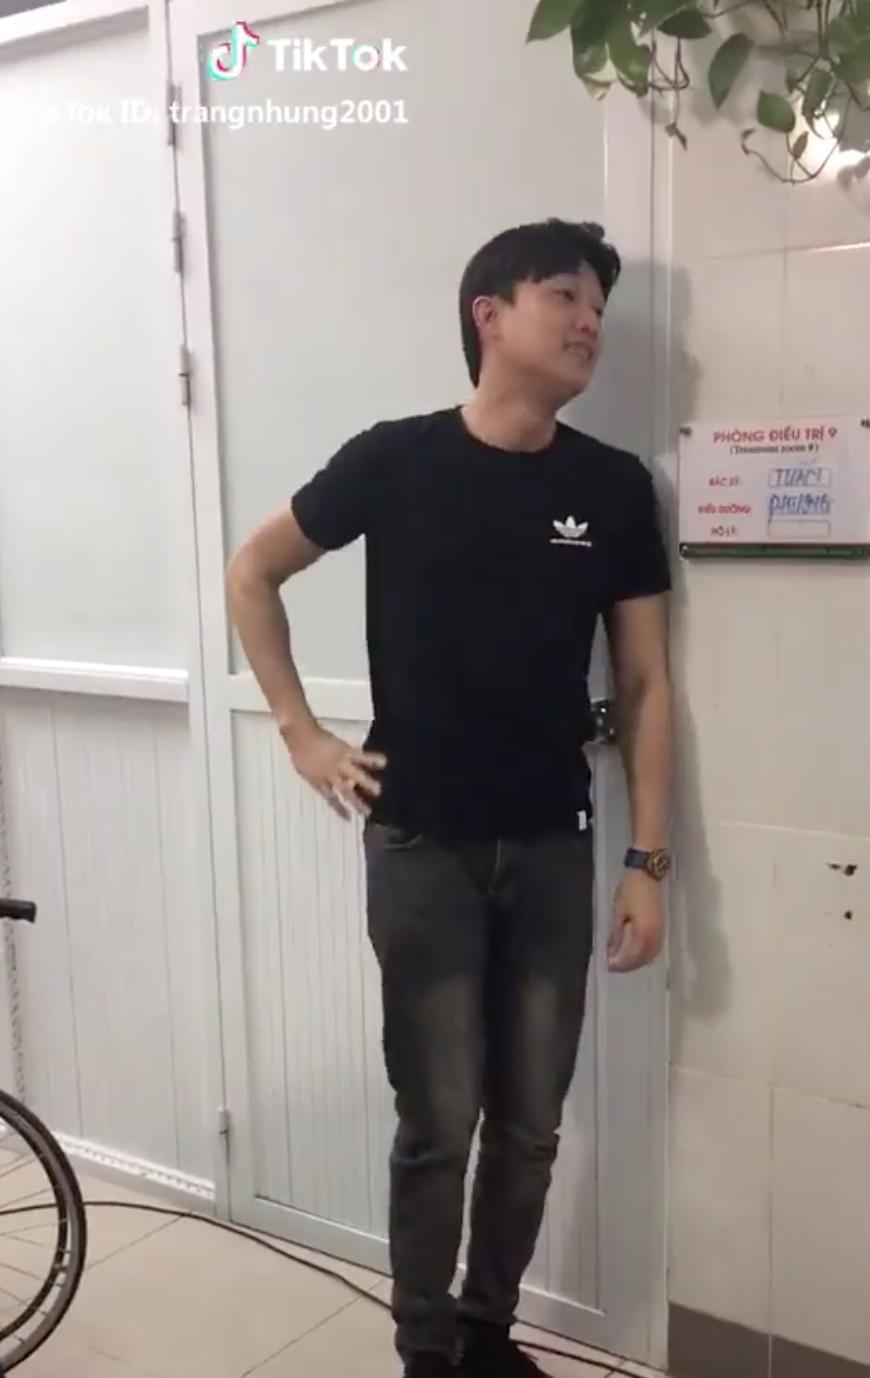 'Về nhà đi con': Tiếp tục lộ clip hậu trường Vũ vui vẻ chăm sóc Thư đẻ trong bệnh viện 1